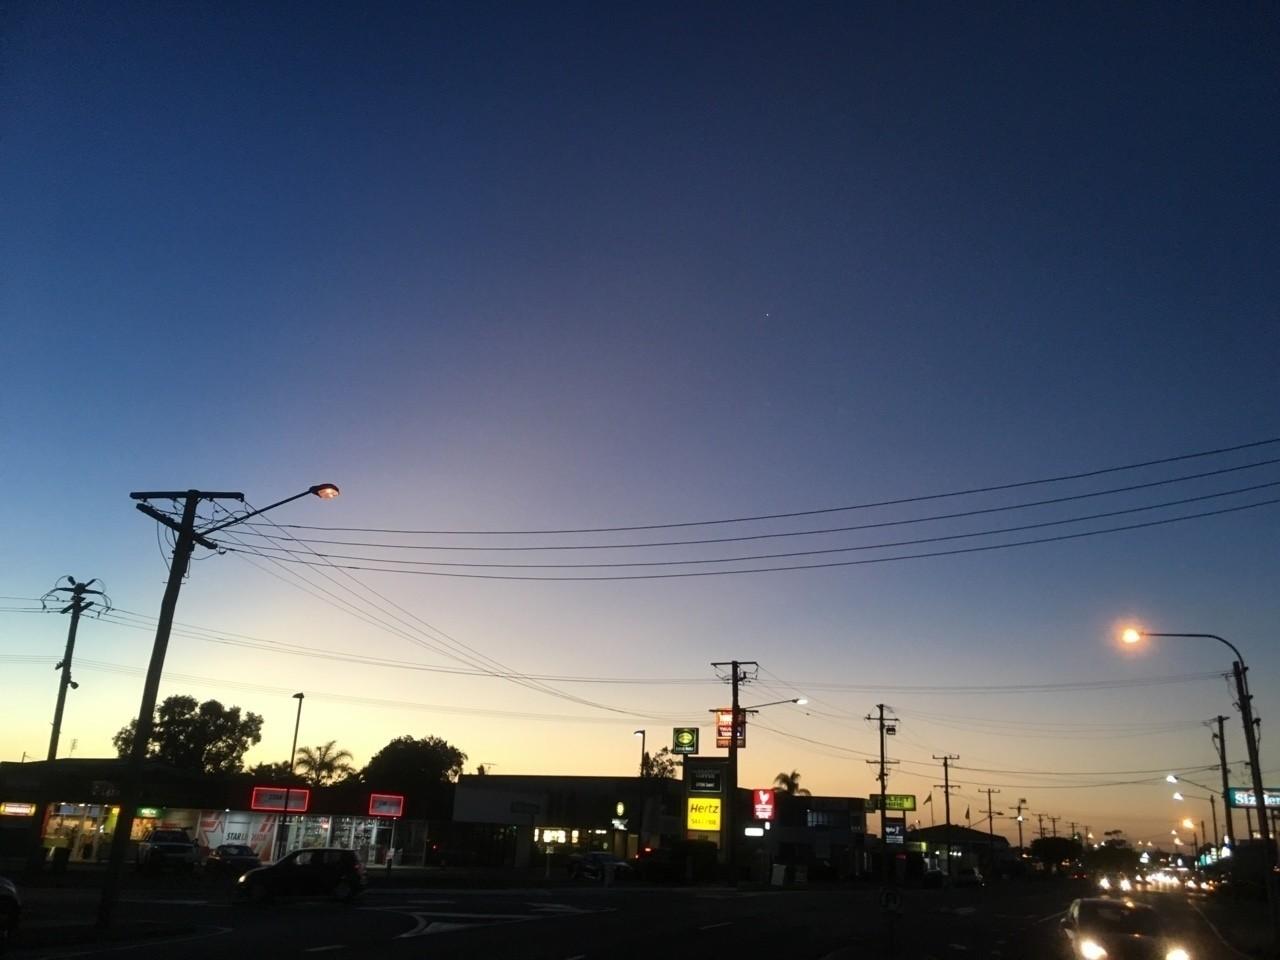 地元の夕方に似てる。コインランドリーからの景色。   #写真 #オーストラリア